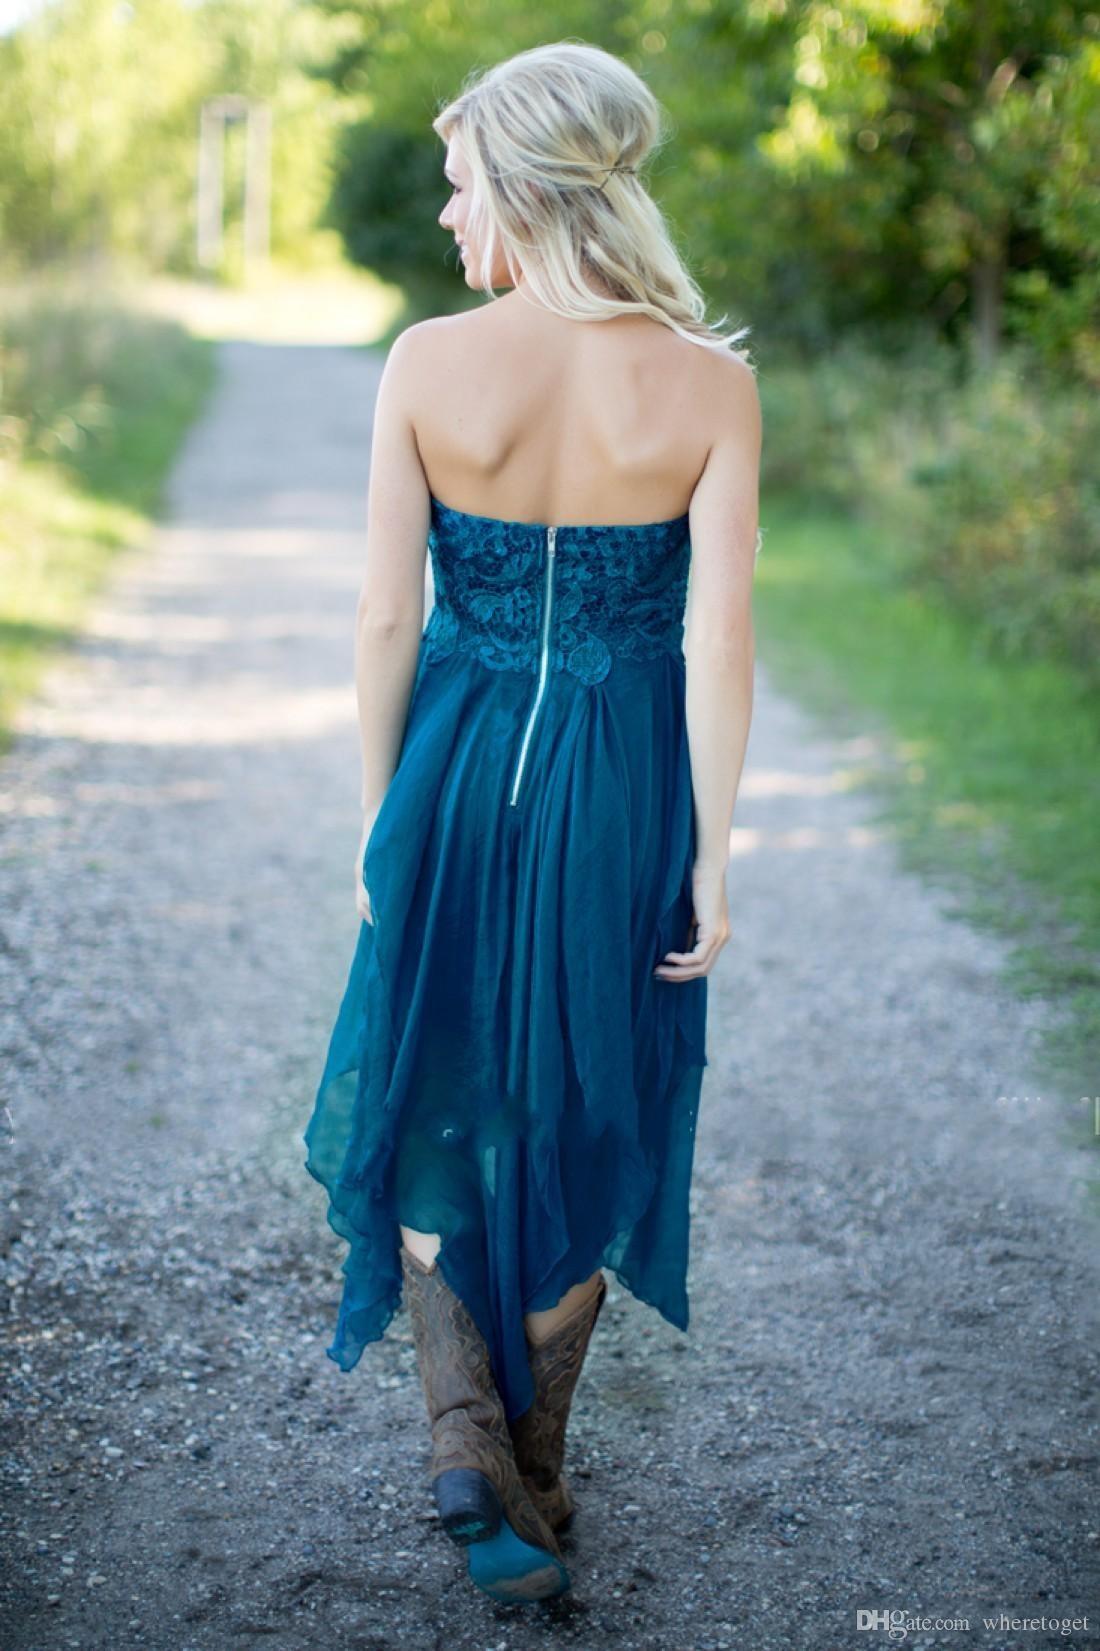 País Vestidos de dama de honor 2019 Corto Caliente Barato Para Boda de Teal Chiffon Beach Lace High Low Ruffles Party Maid Vestidos de Honor menores de 100